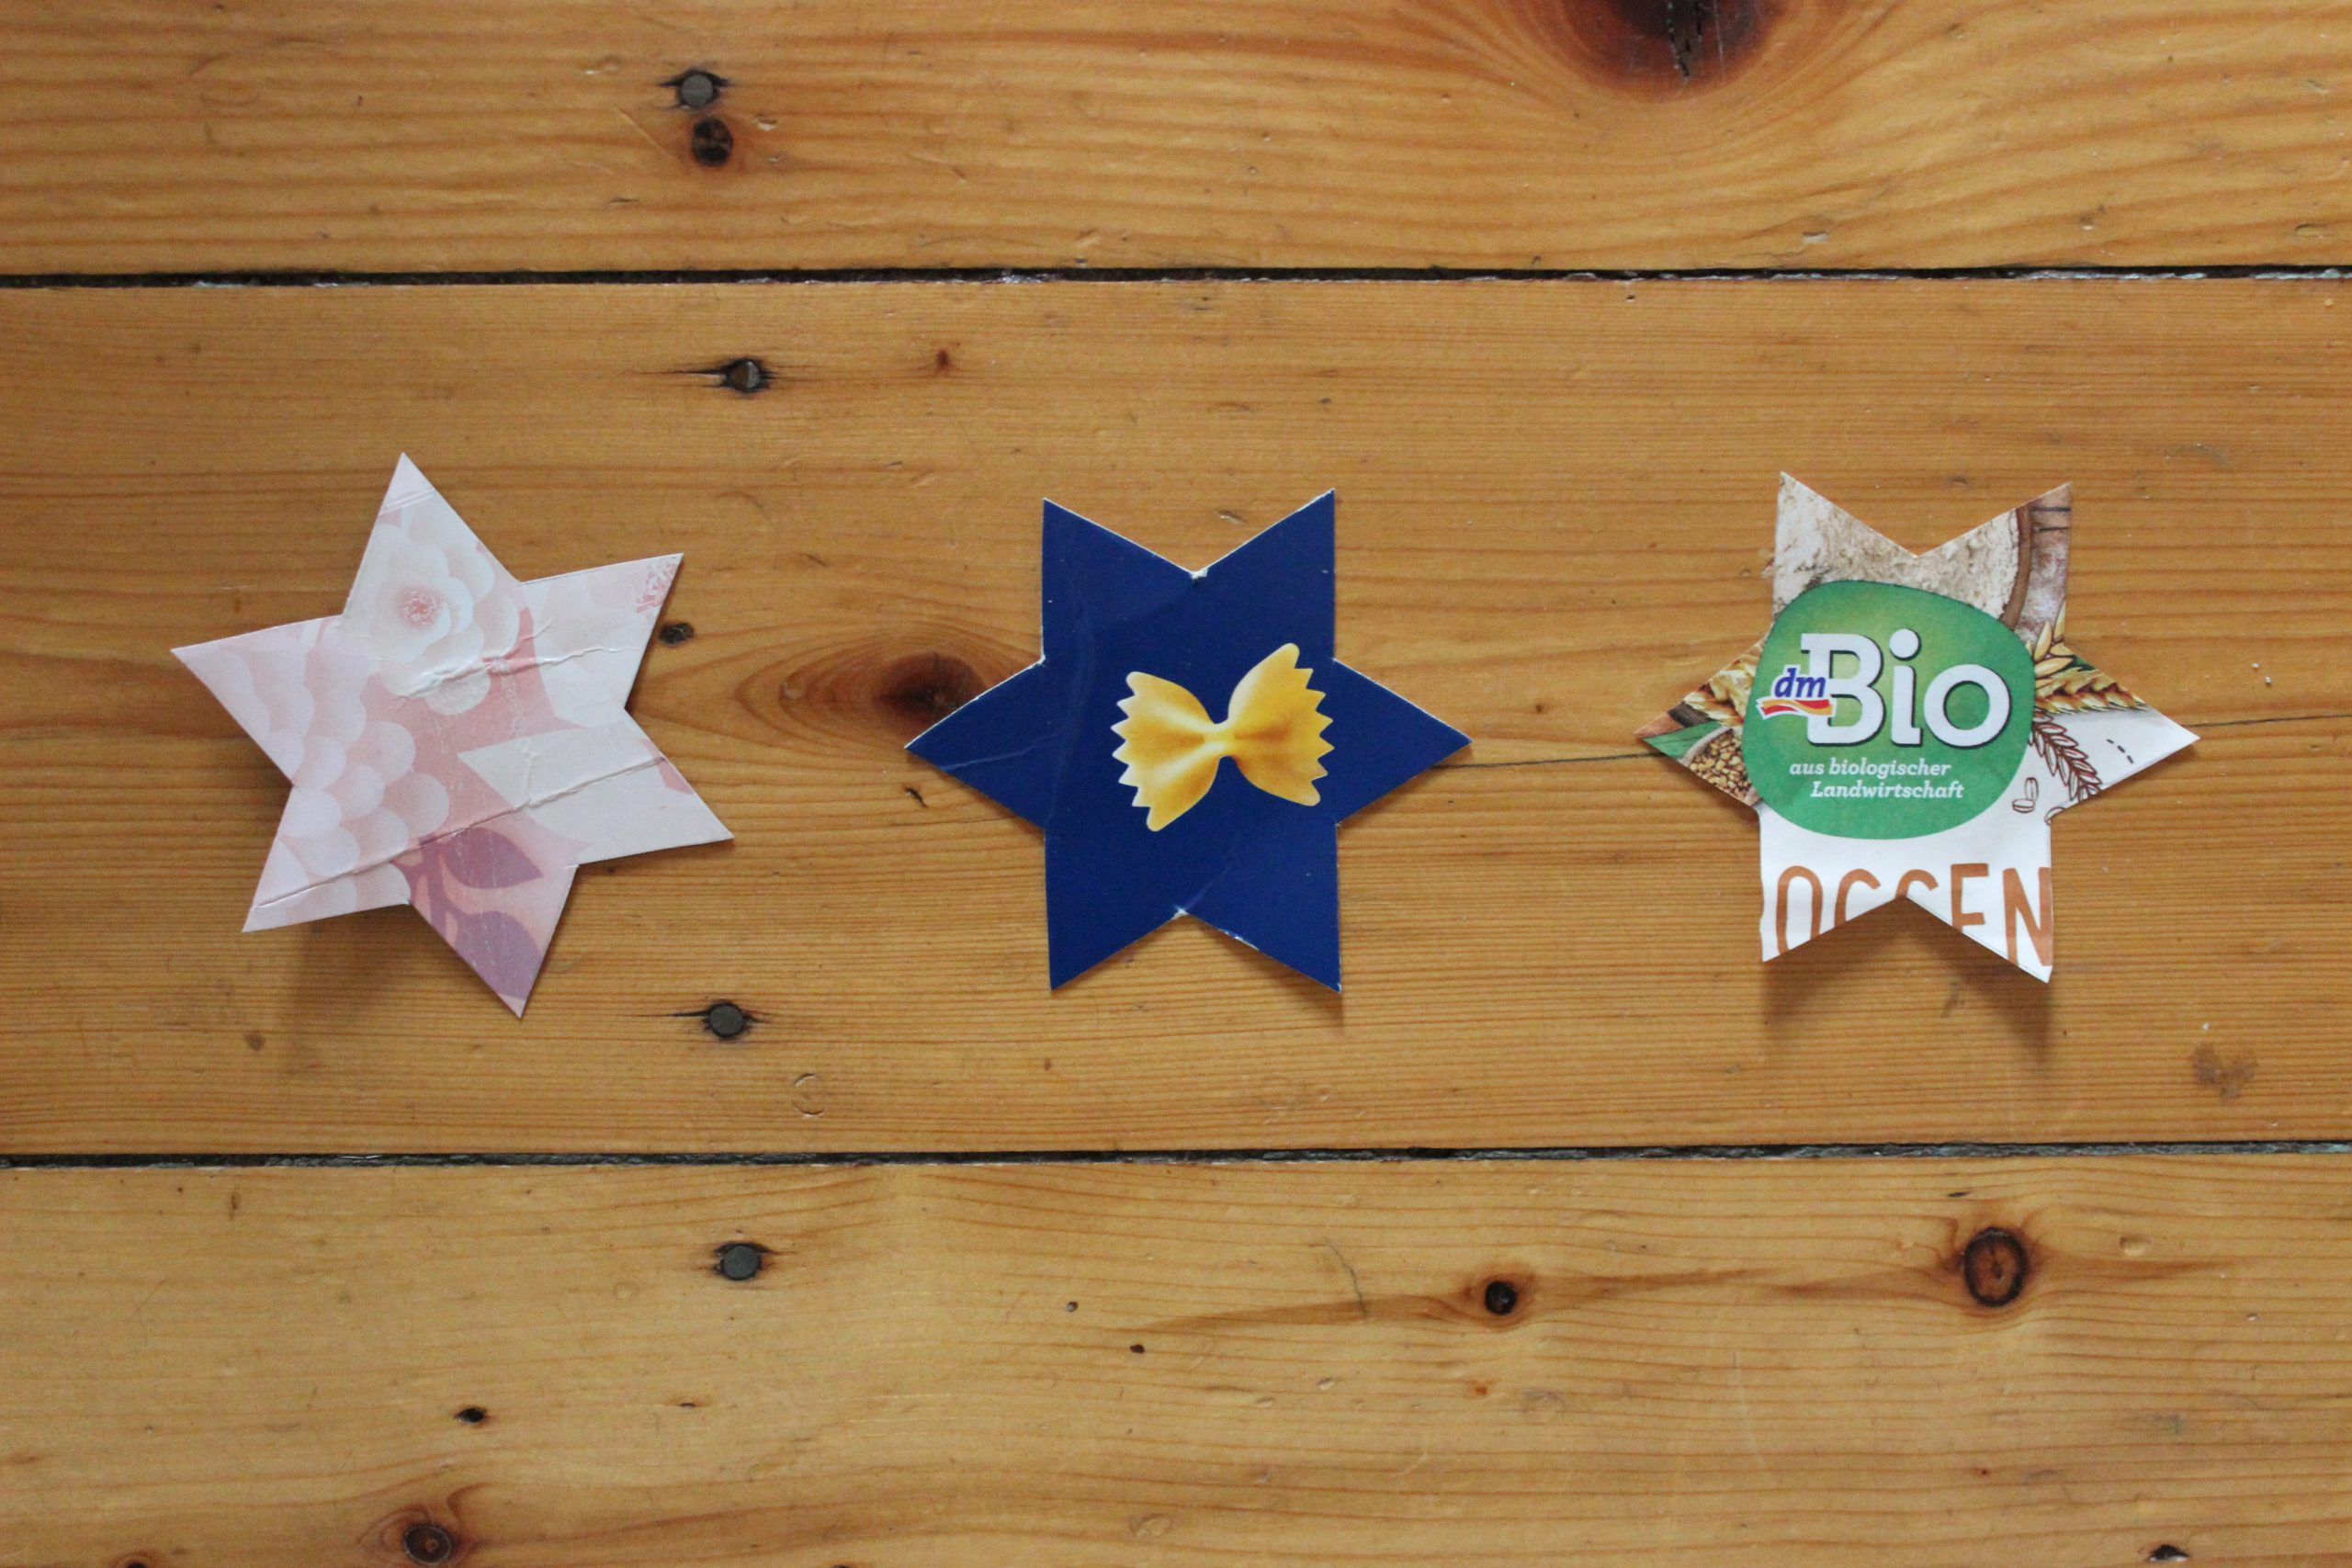 Weihnachtsbaumdekoration aus Altpapier: Sterne